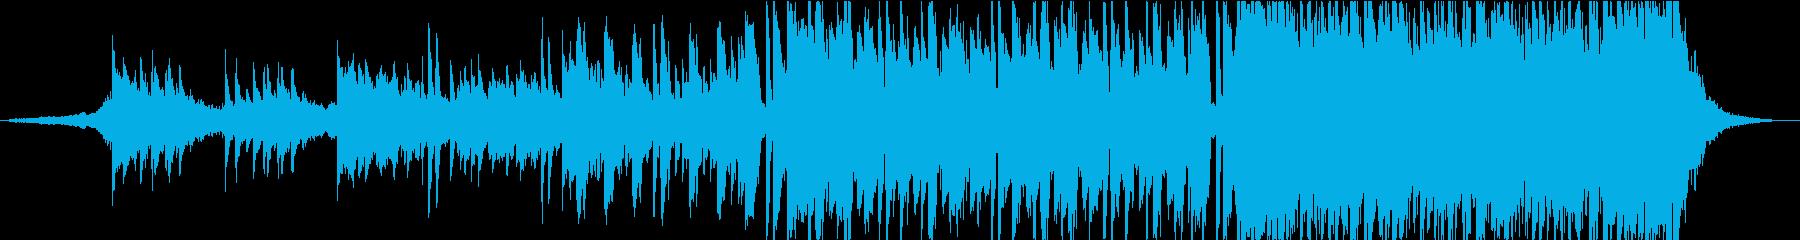 可愛いライブ入場SE_CMにも 60秒の再生済みの波形